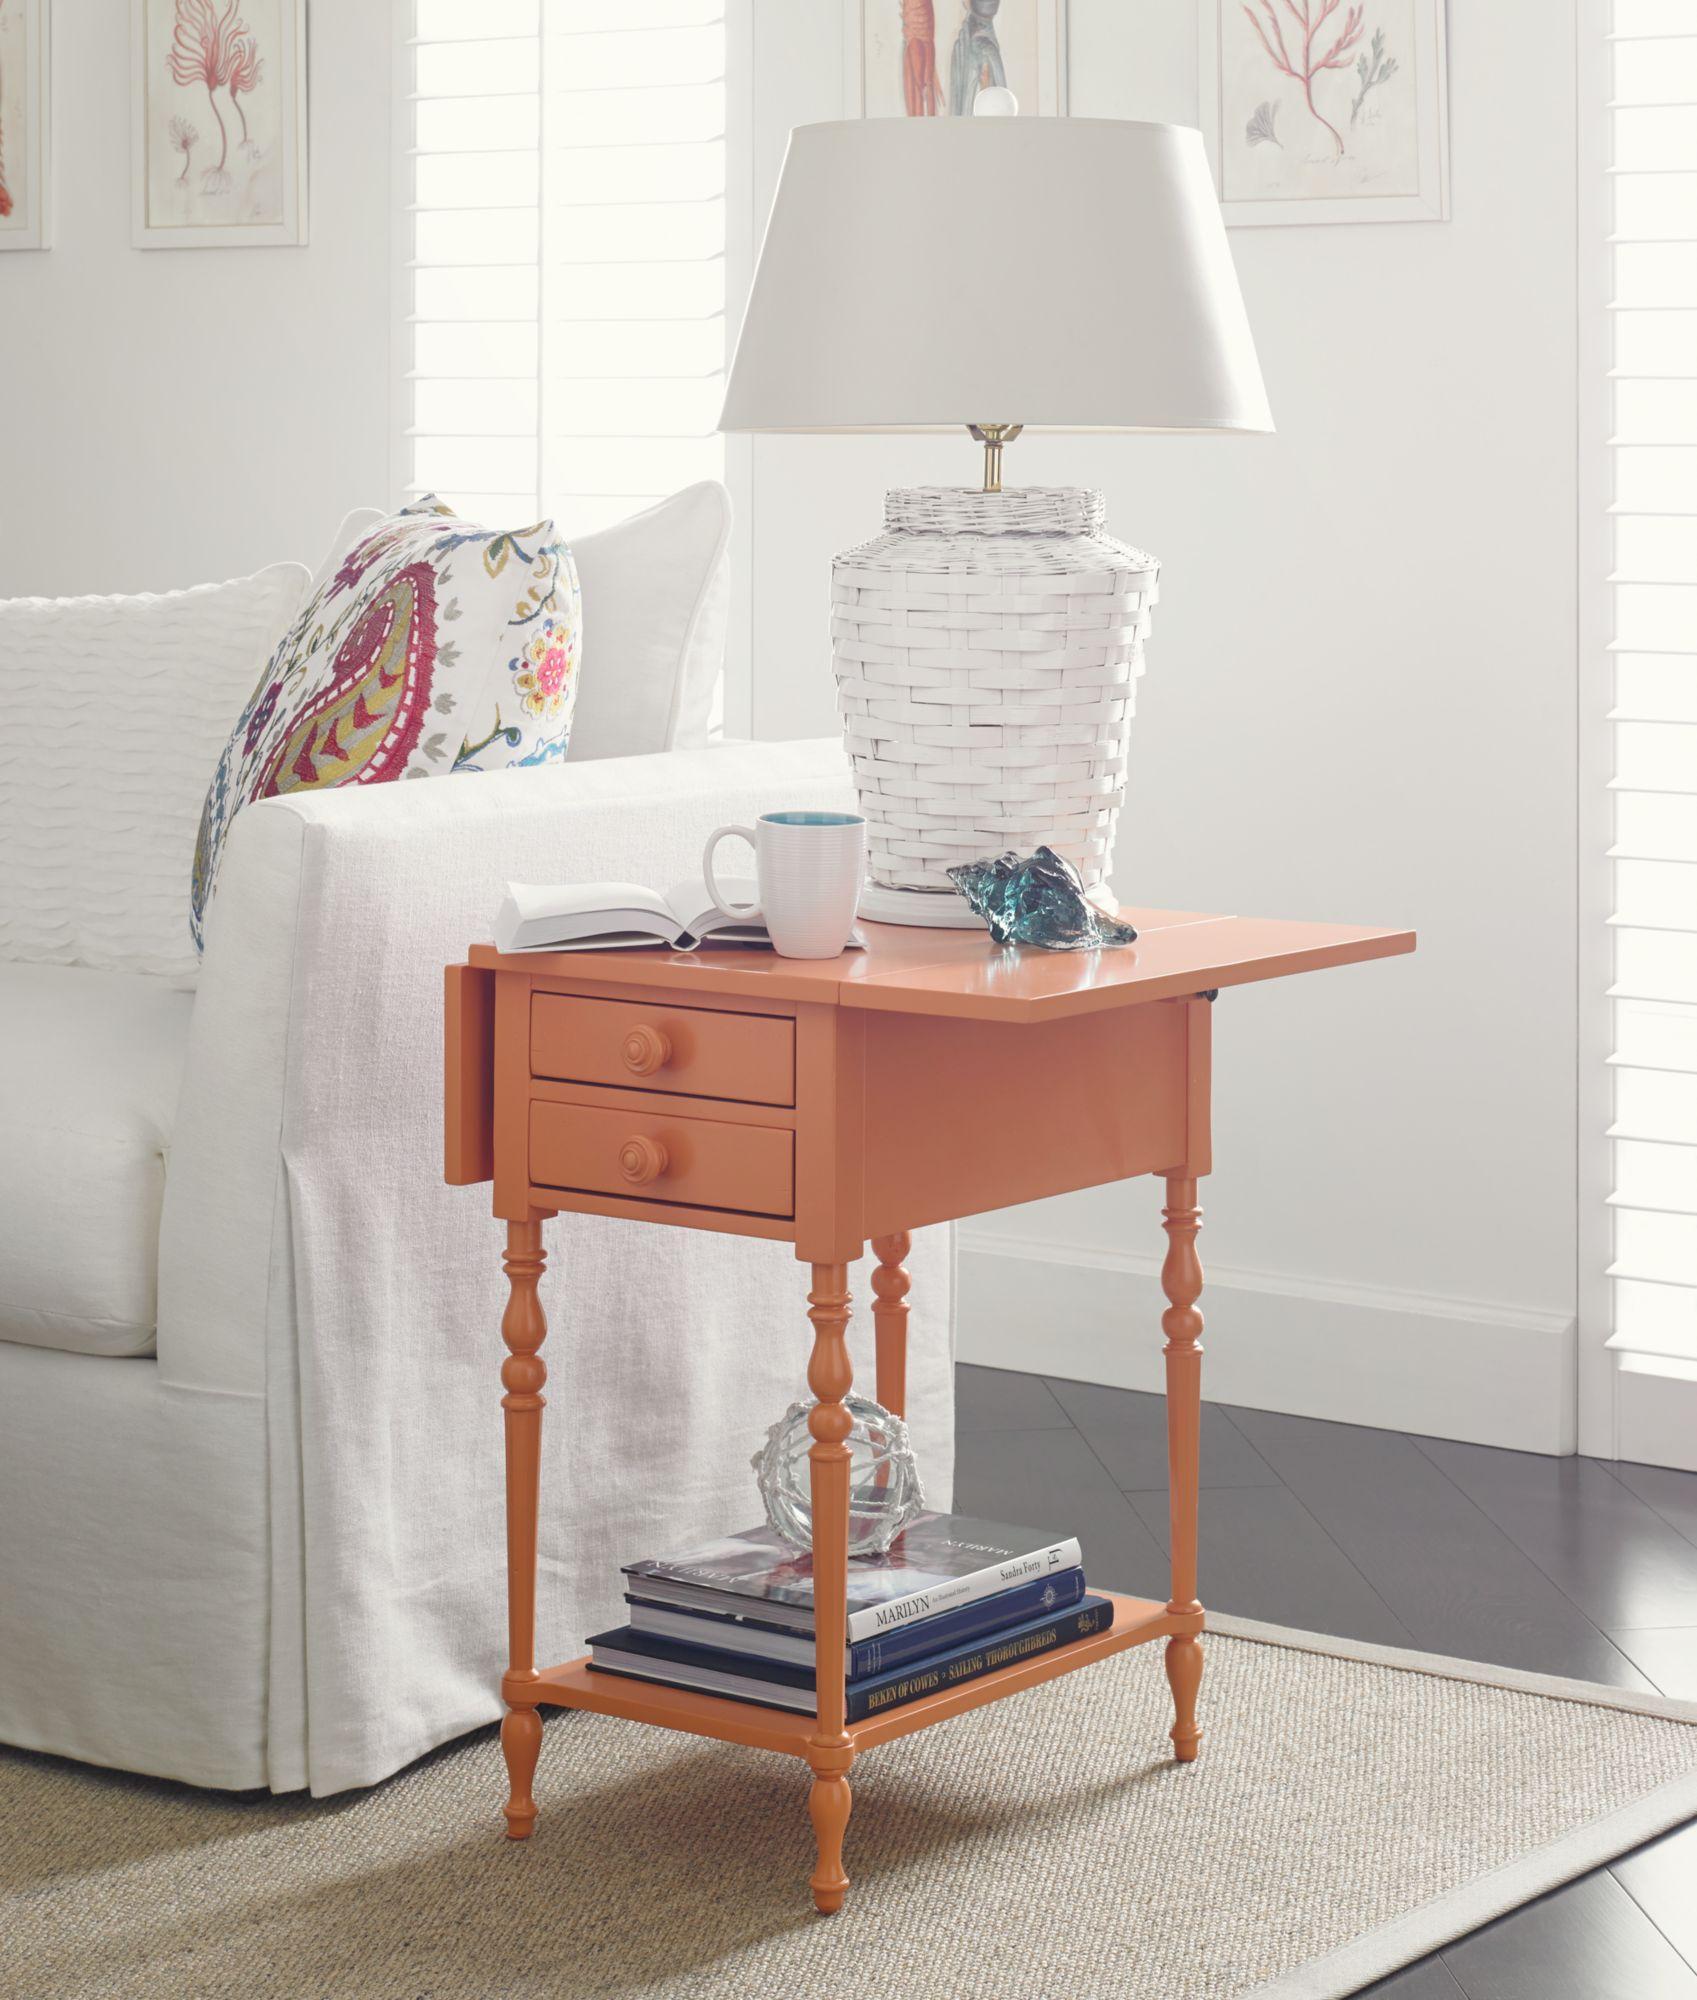 coastal living retreat 411 3 by stanley furniture. Black Bedroom Furniture Sets. Home Design Ideas